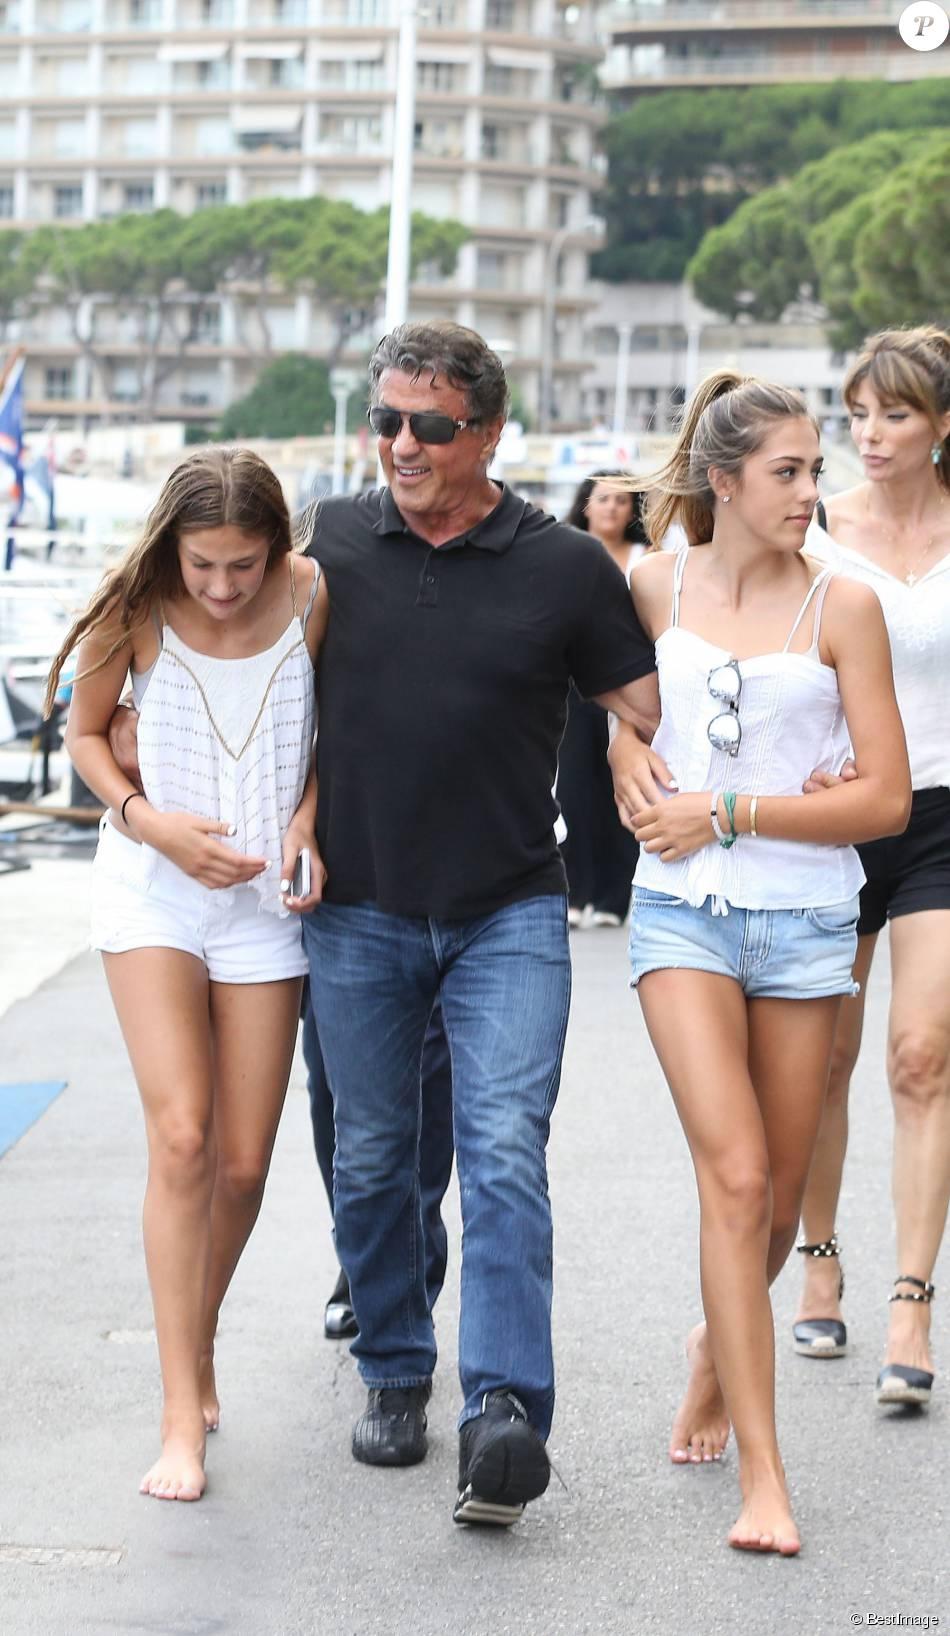 Sylvester Stallone avec Scarlet Rose et Sistine - Sylvester Stallone, sa femme Jennifer Flavin et leurs filles Sophia, Sistine et Scarlet sont allés déjeuner dans un restaurant japonais avec des amis, puis se sont rendus chez Rolex, à Monaco le 18 juillet 2015.